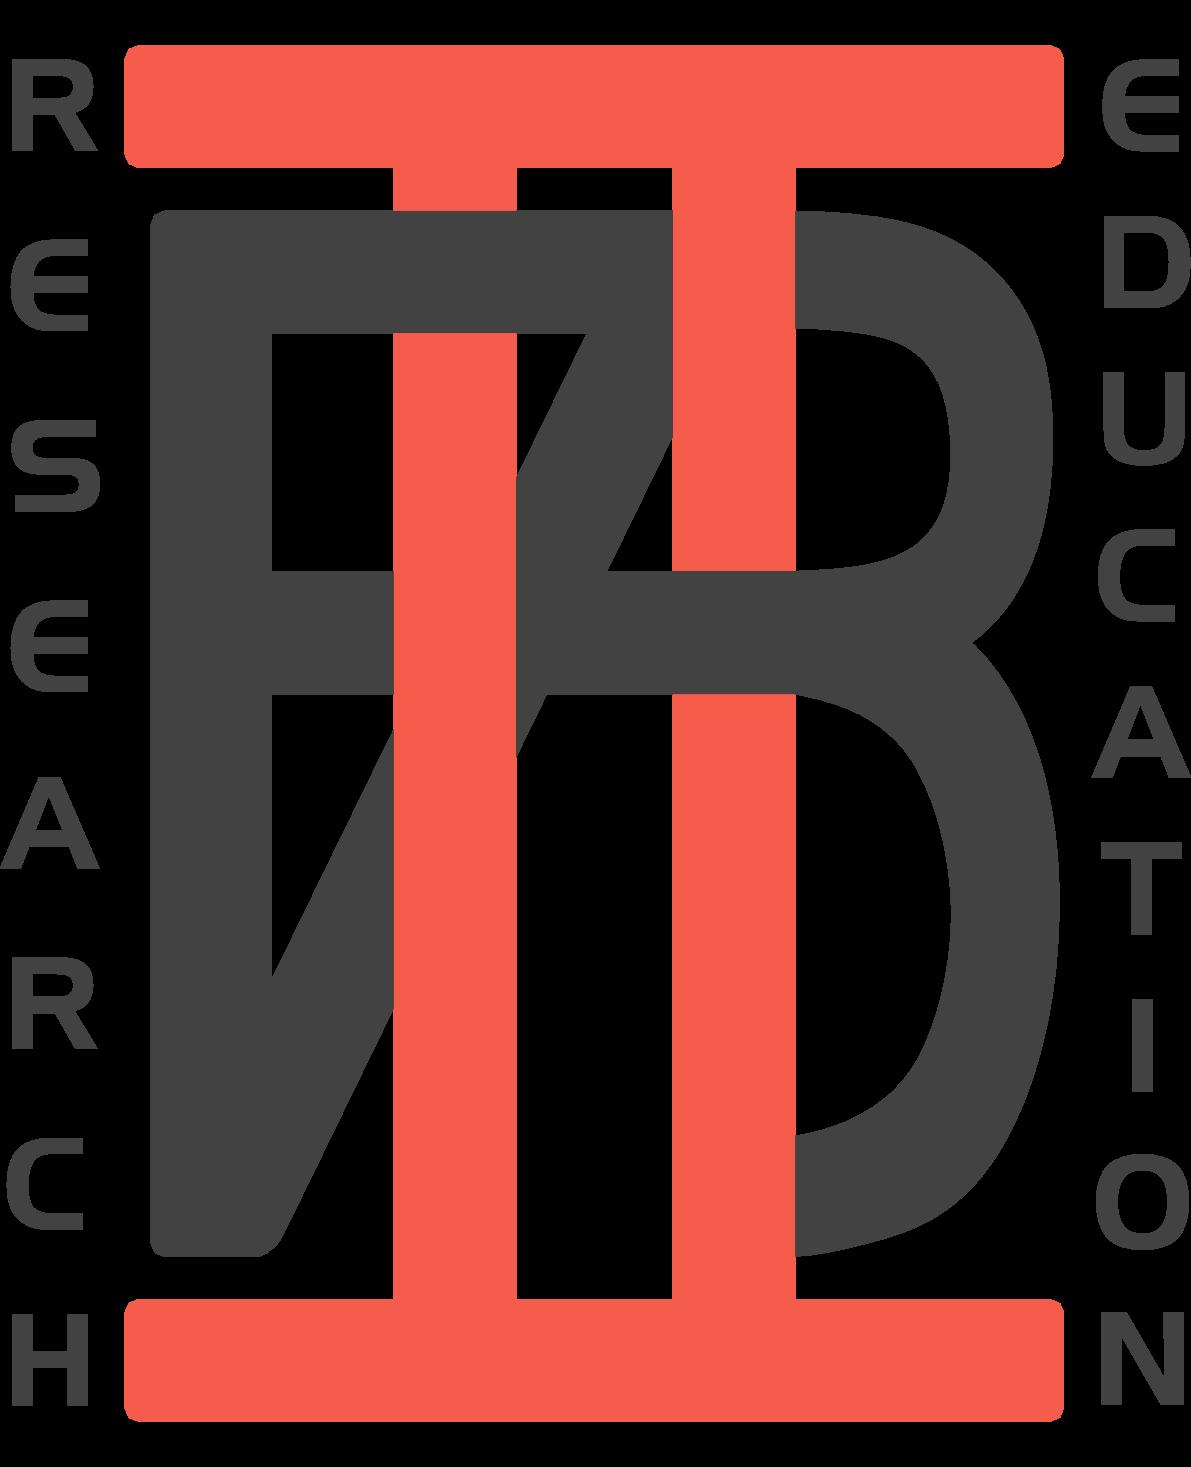 fab2dent logo final.png